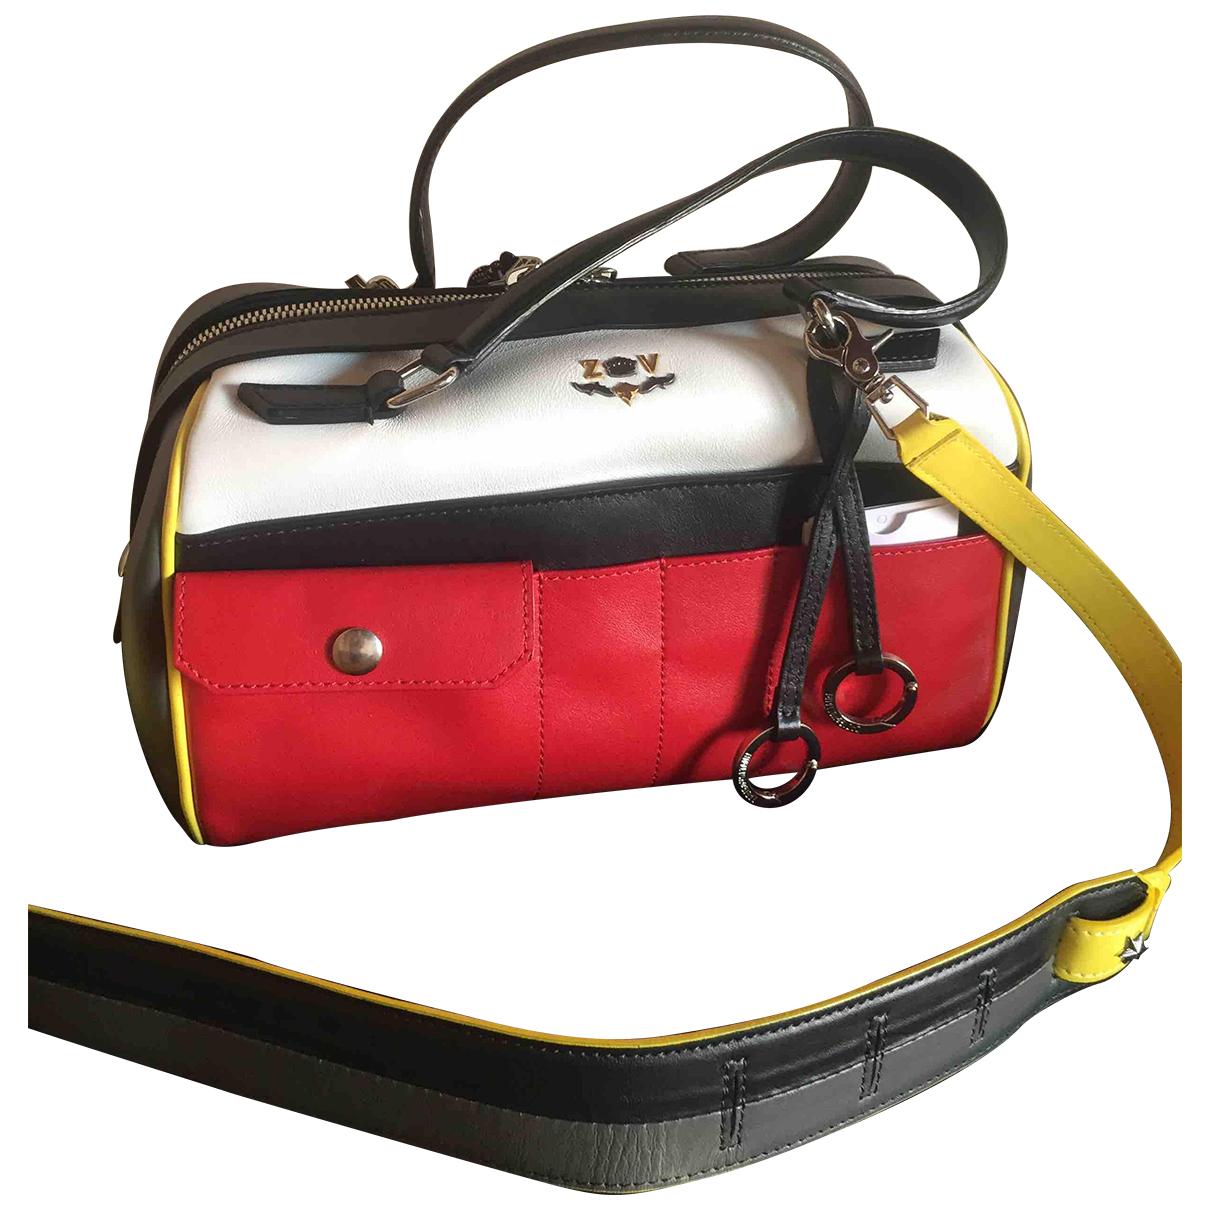 Zadig & Voltaire \N Handtasche in  Bunt Leder